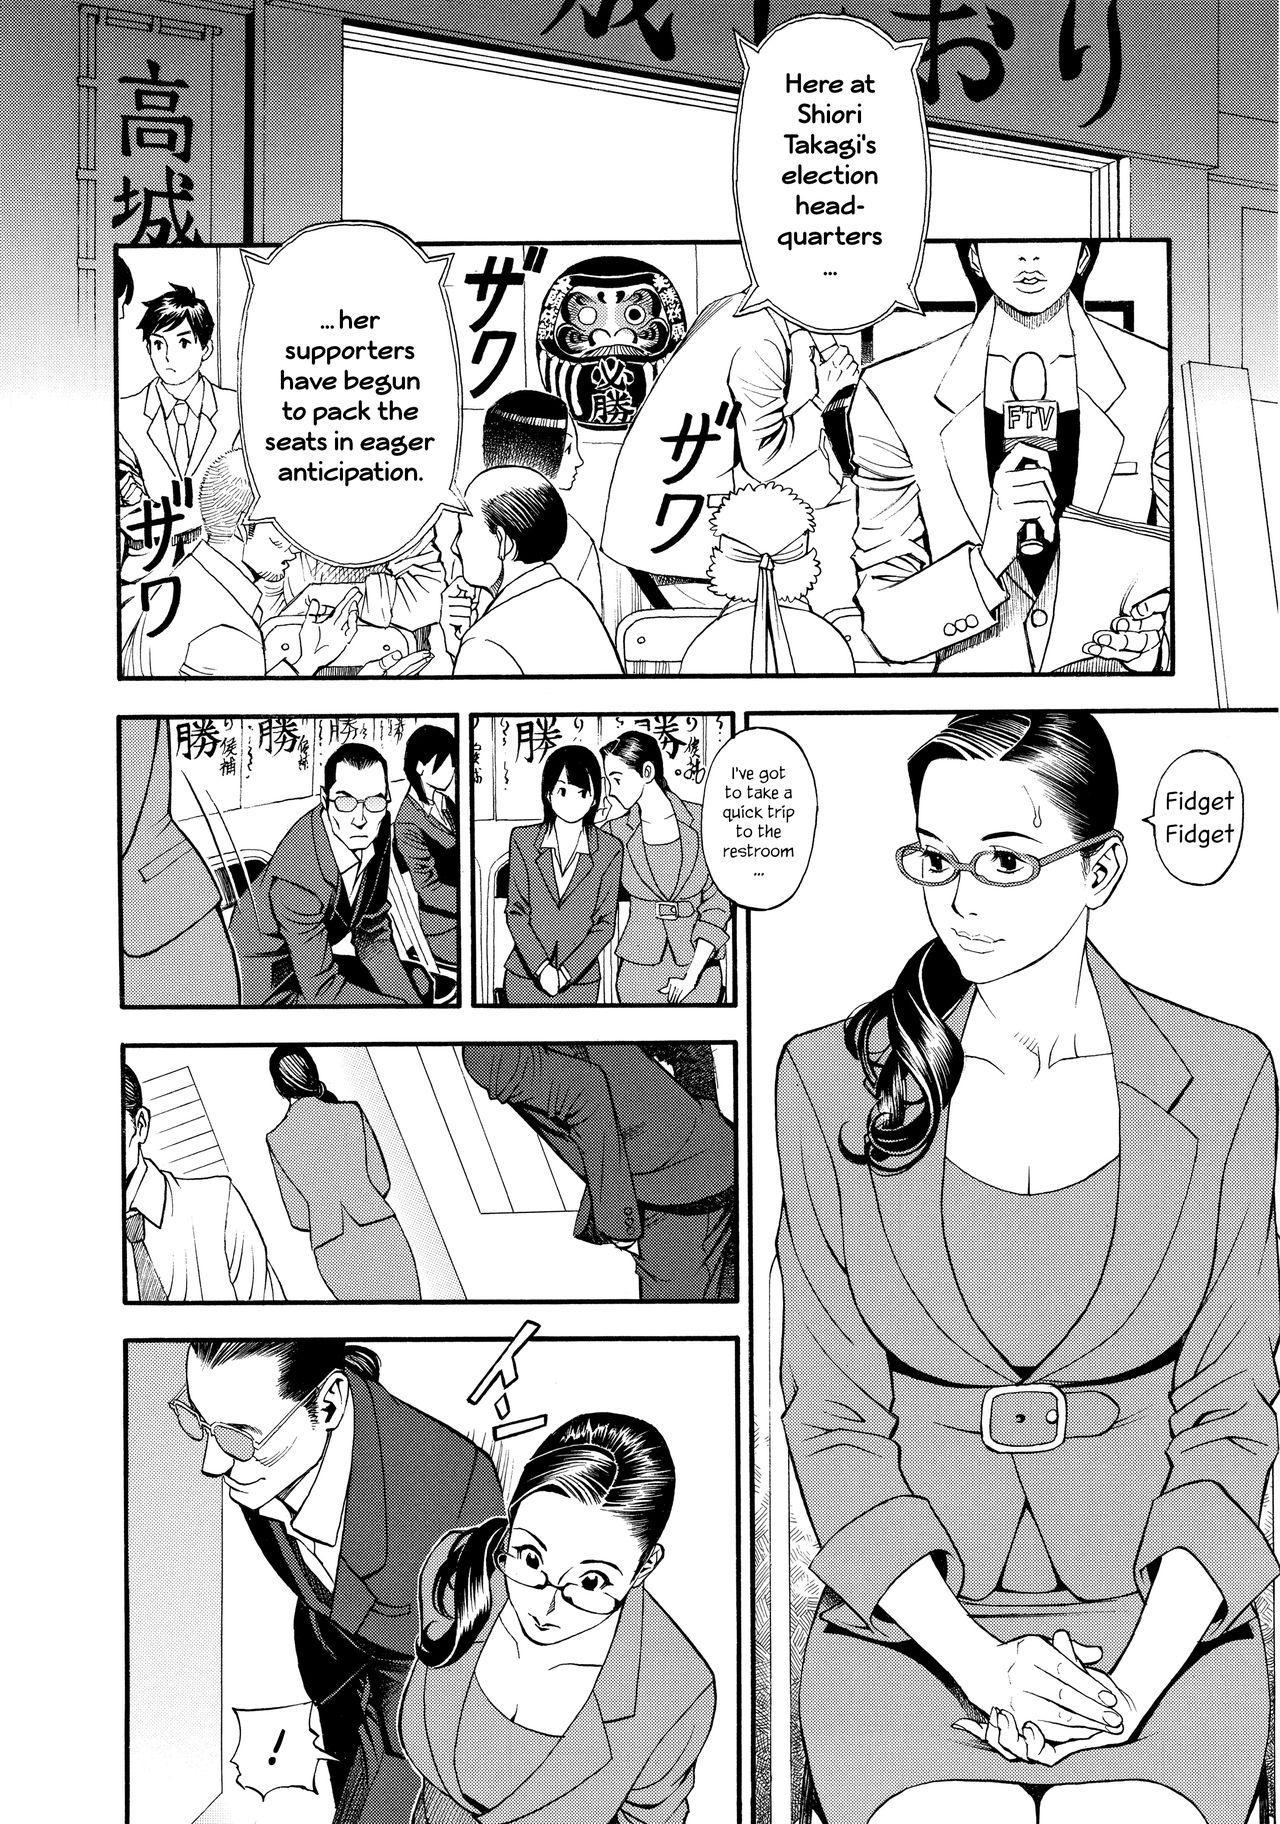 InY Akajuutan + Omake 30